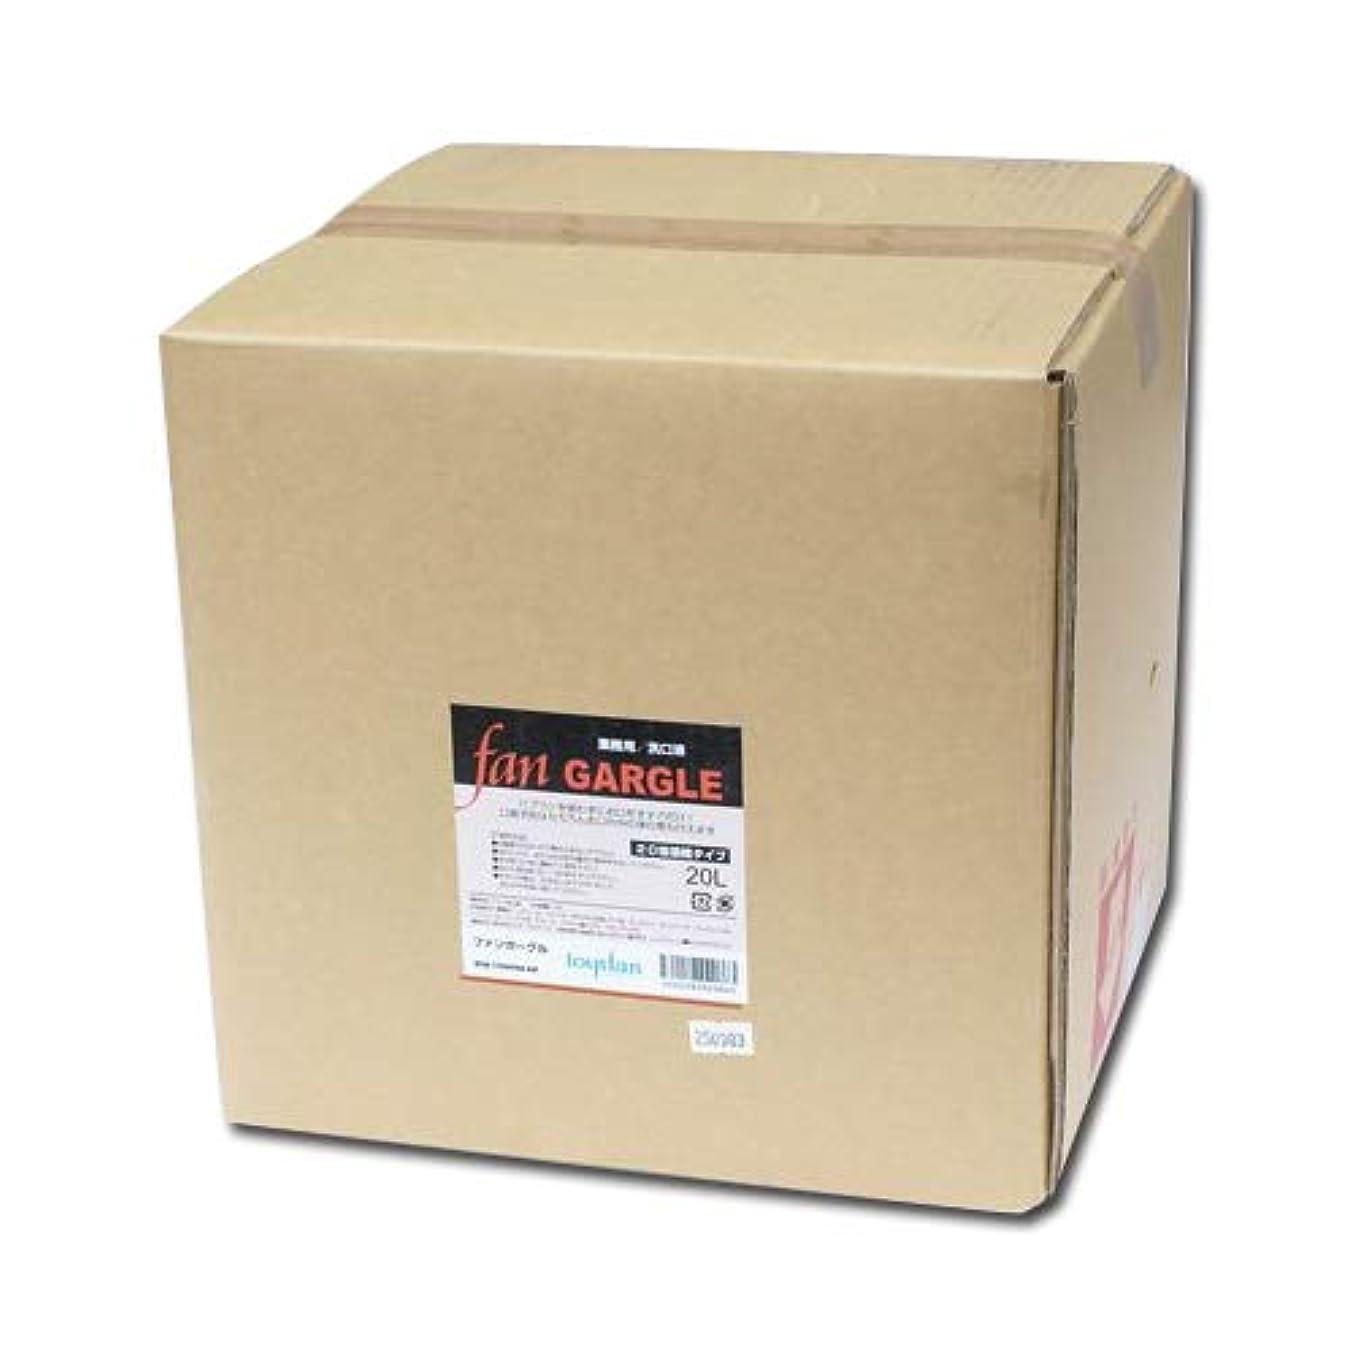 権限壁紙スチュアート島ファンガーグル 20L(20倍濃縮)業務用洗口液